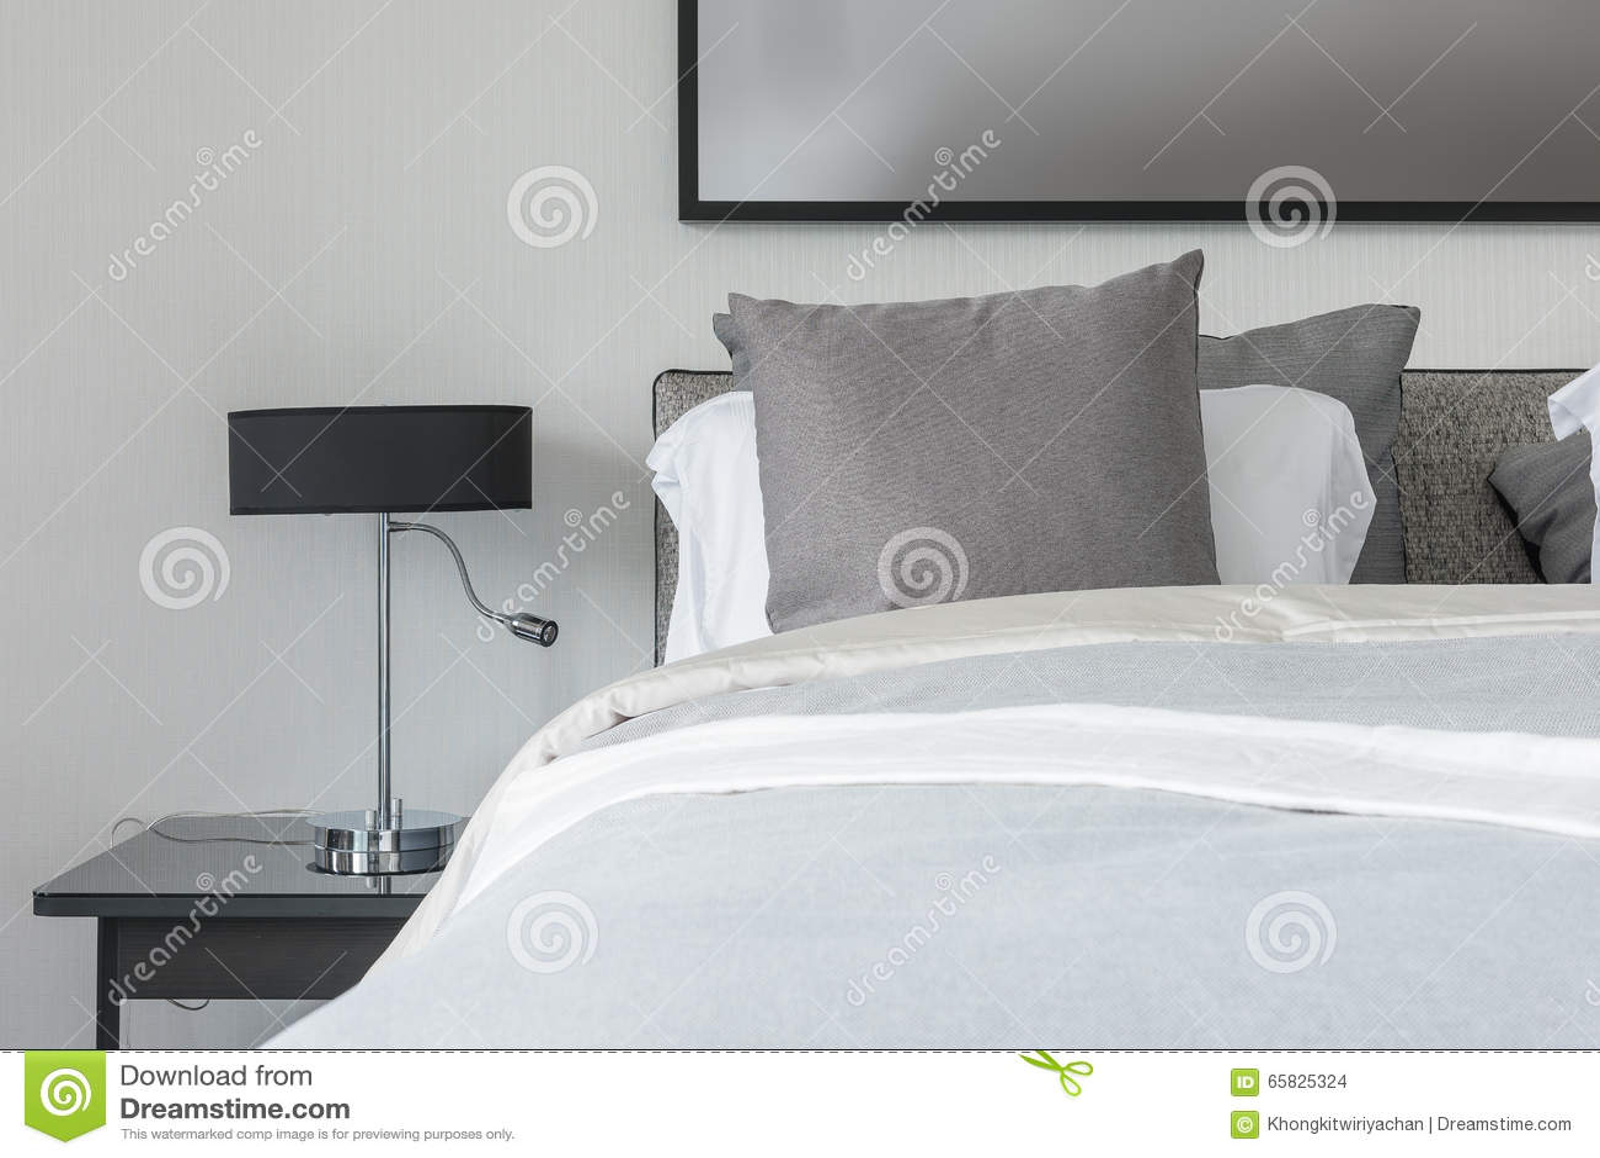 Slaapkamer Lamp Zwart : Grijs hoofdkussen op wit bed in moderne slaapkamer met zwarte lamp